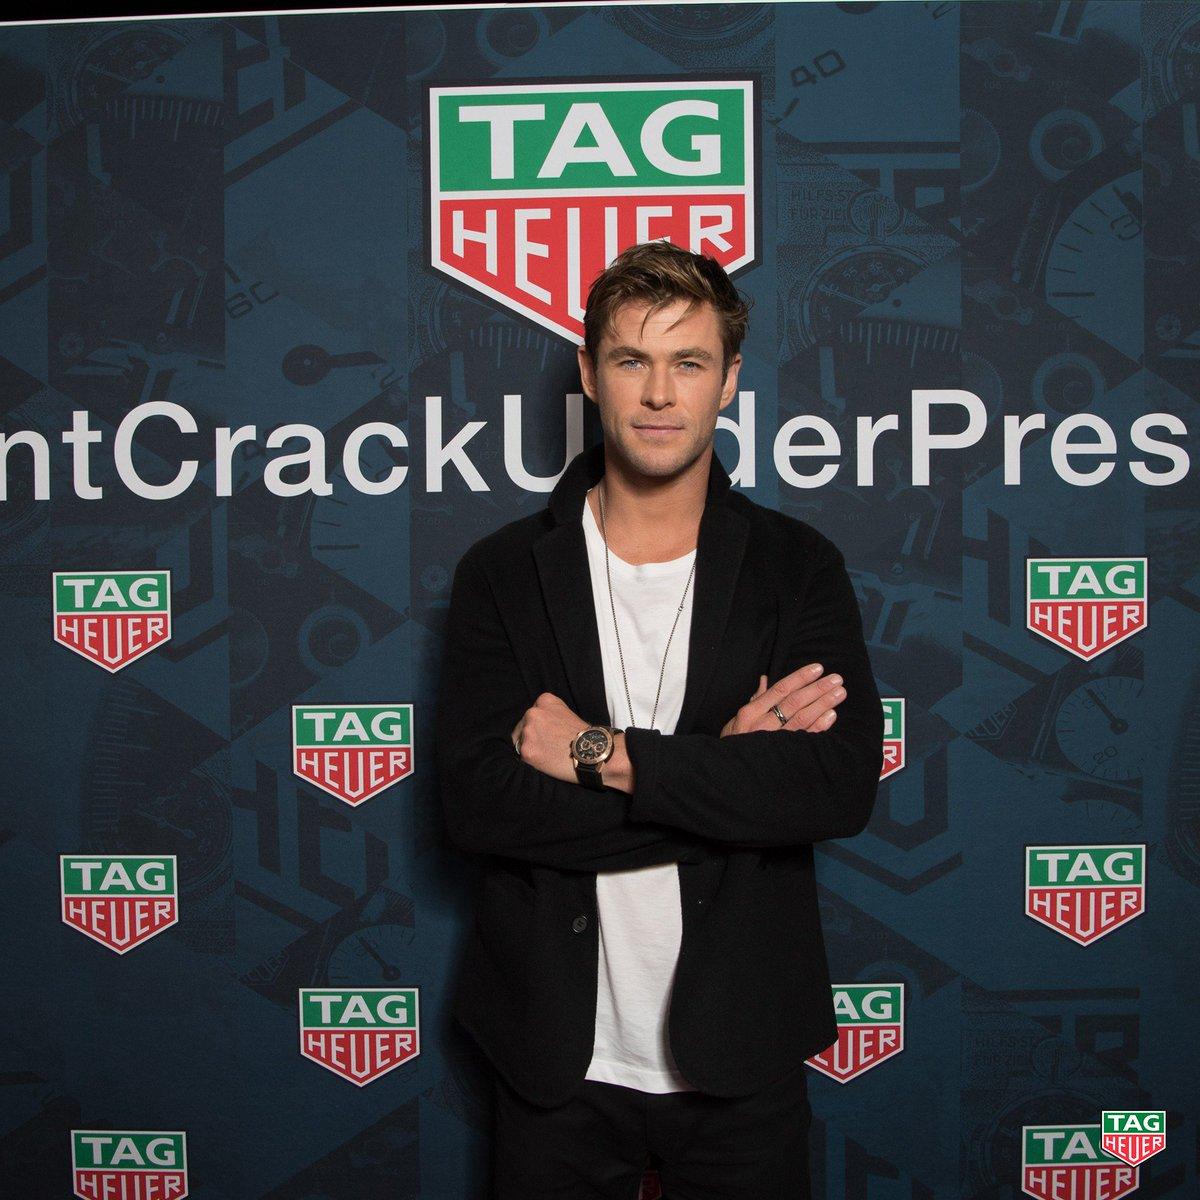 dont crack under pressure chris